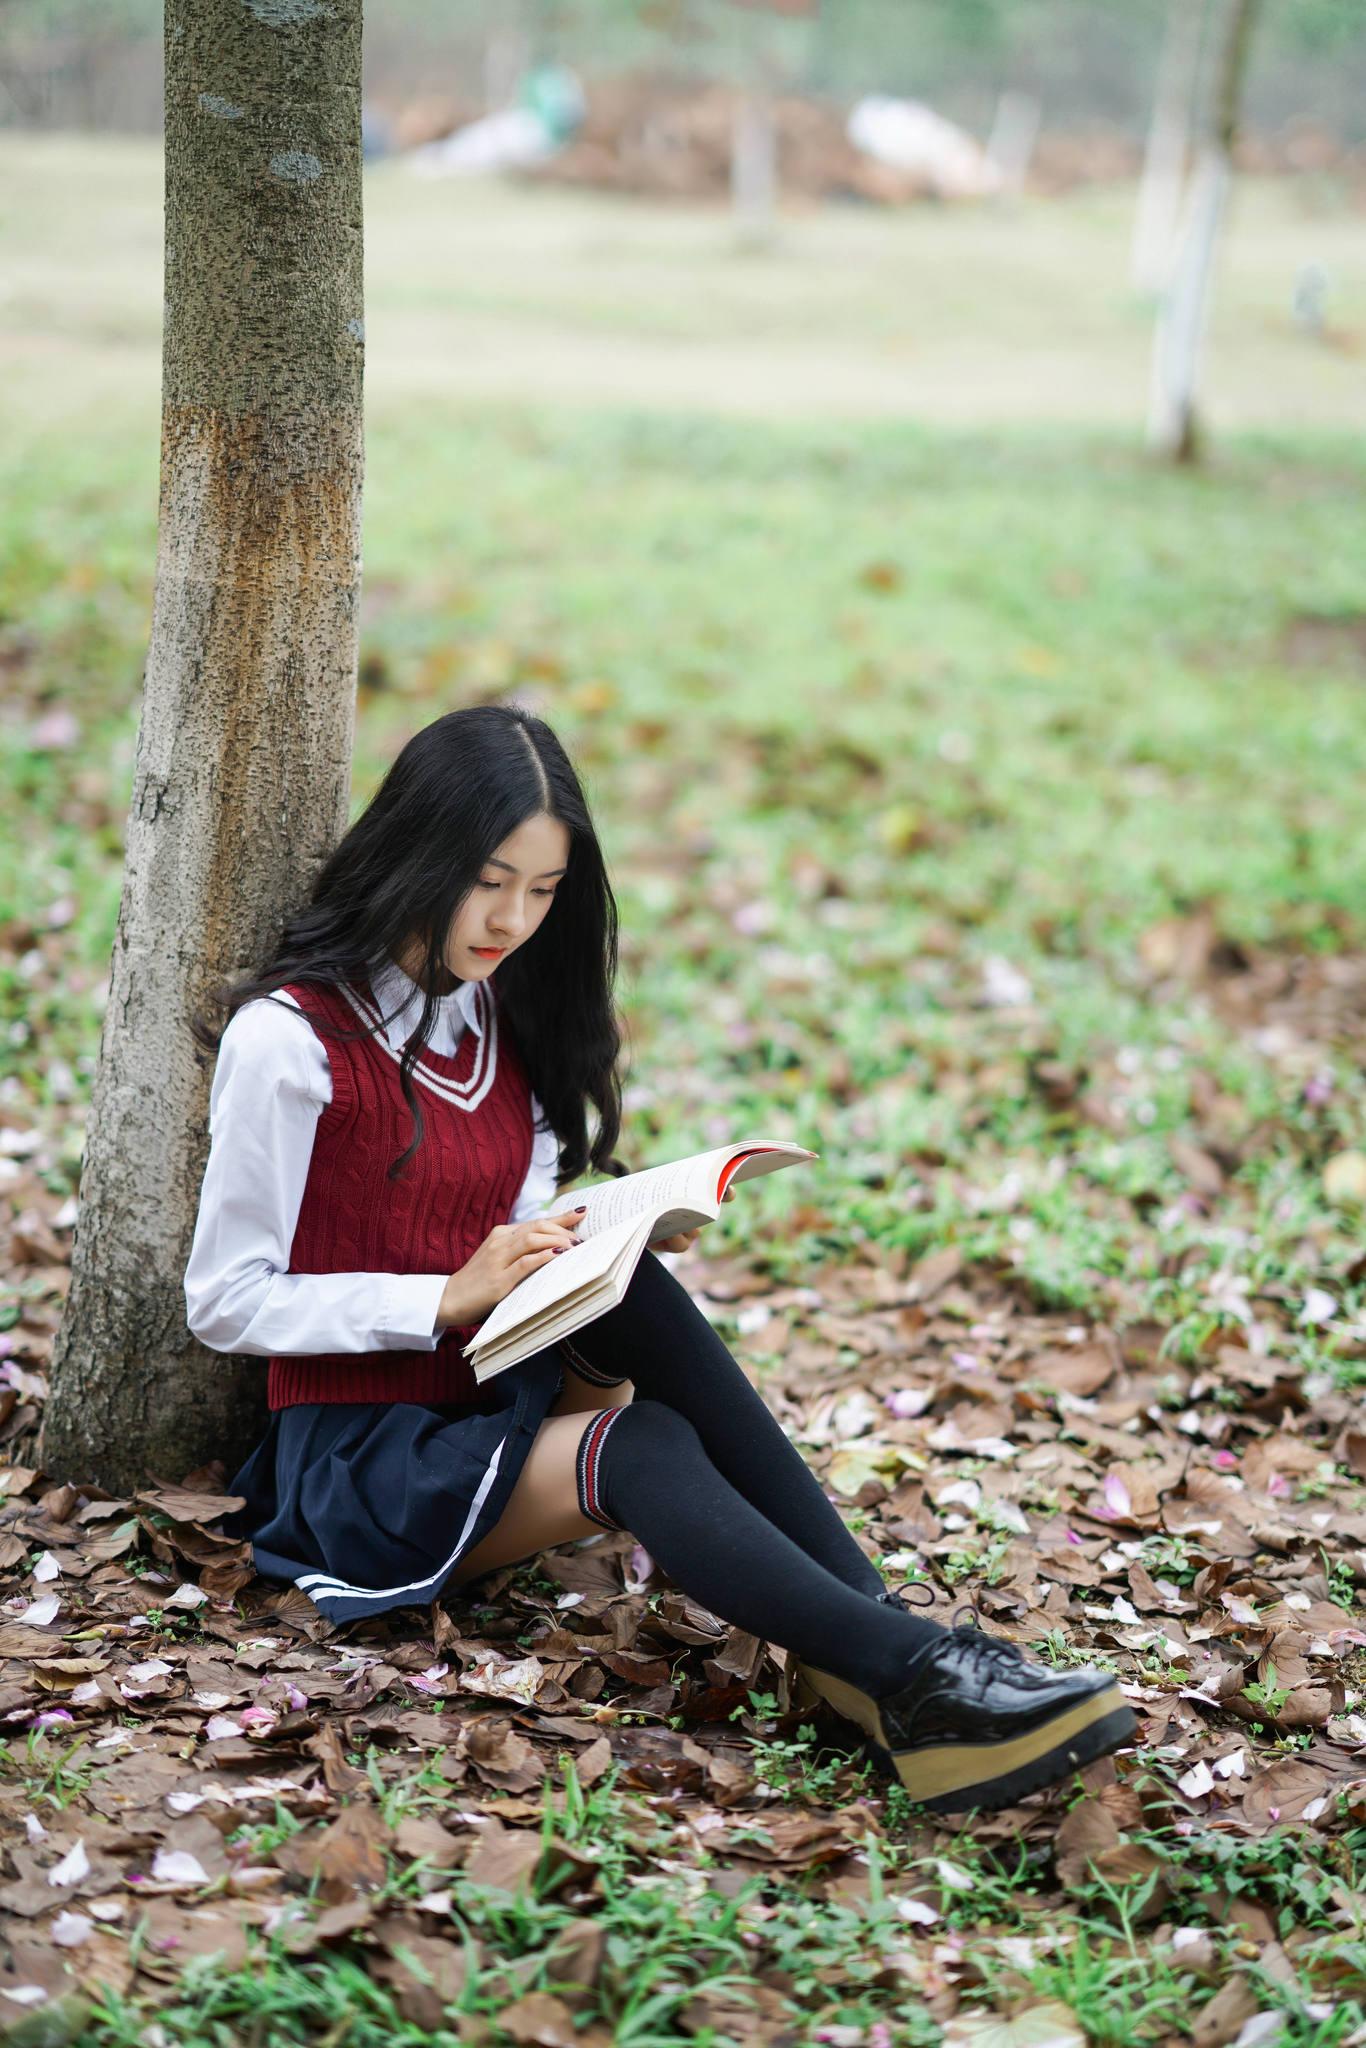 【樱子】珍惜 - 樱子 - 樱子的博客